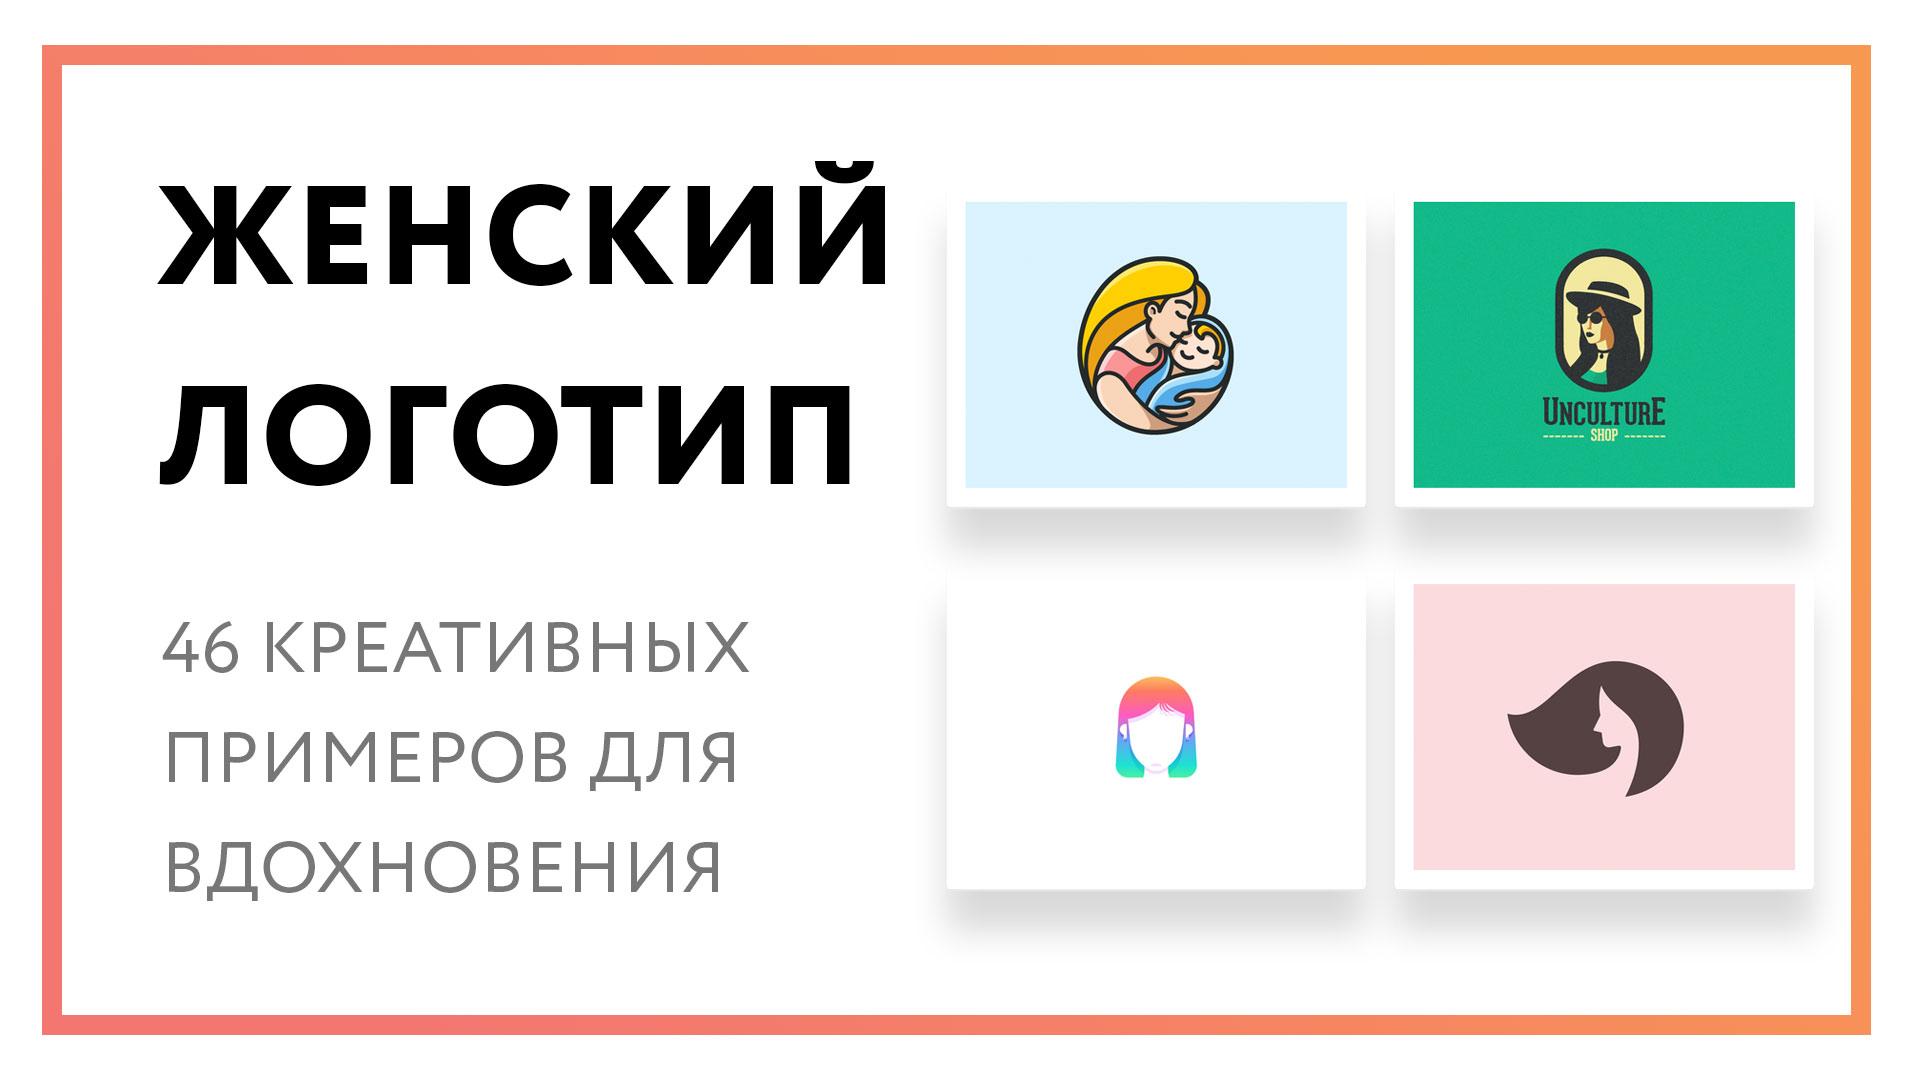 zhenskij-logotip.jpg